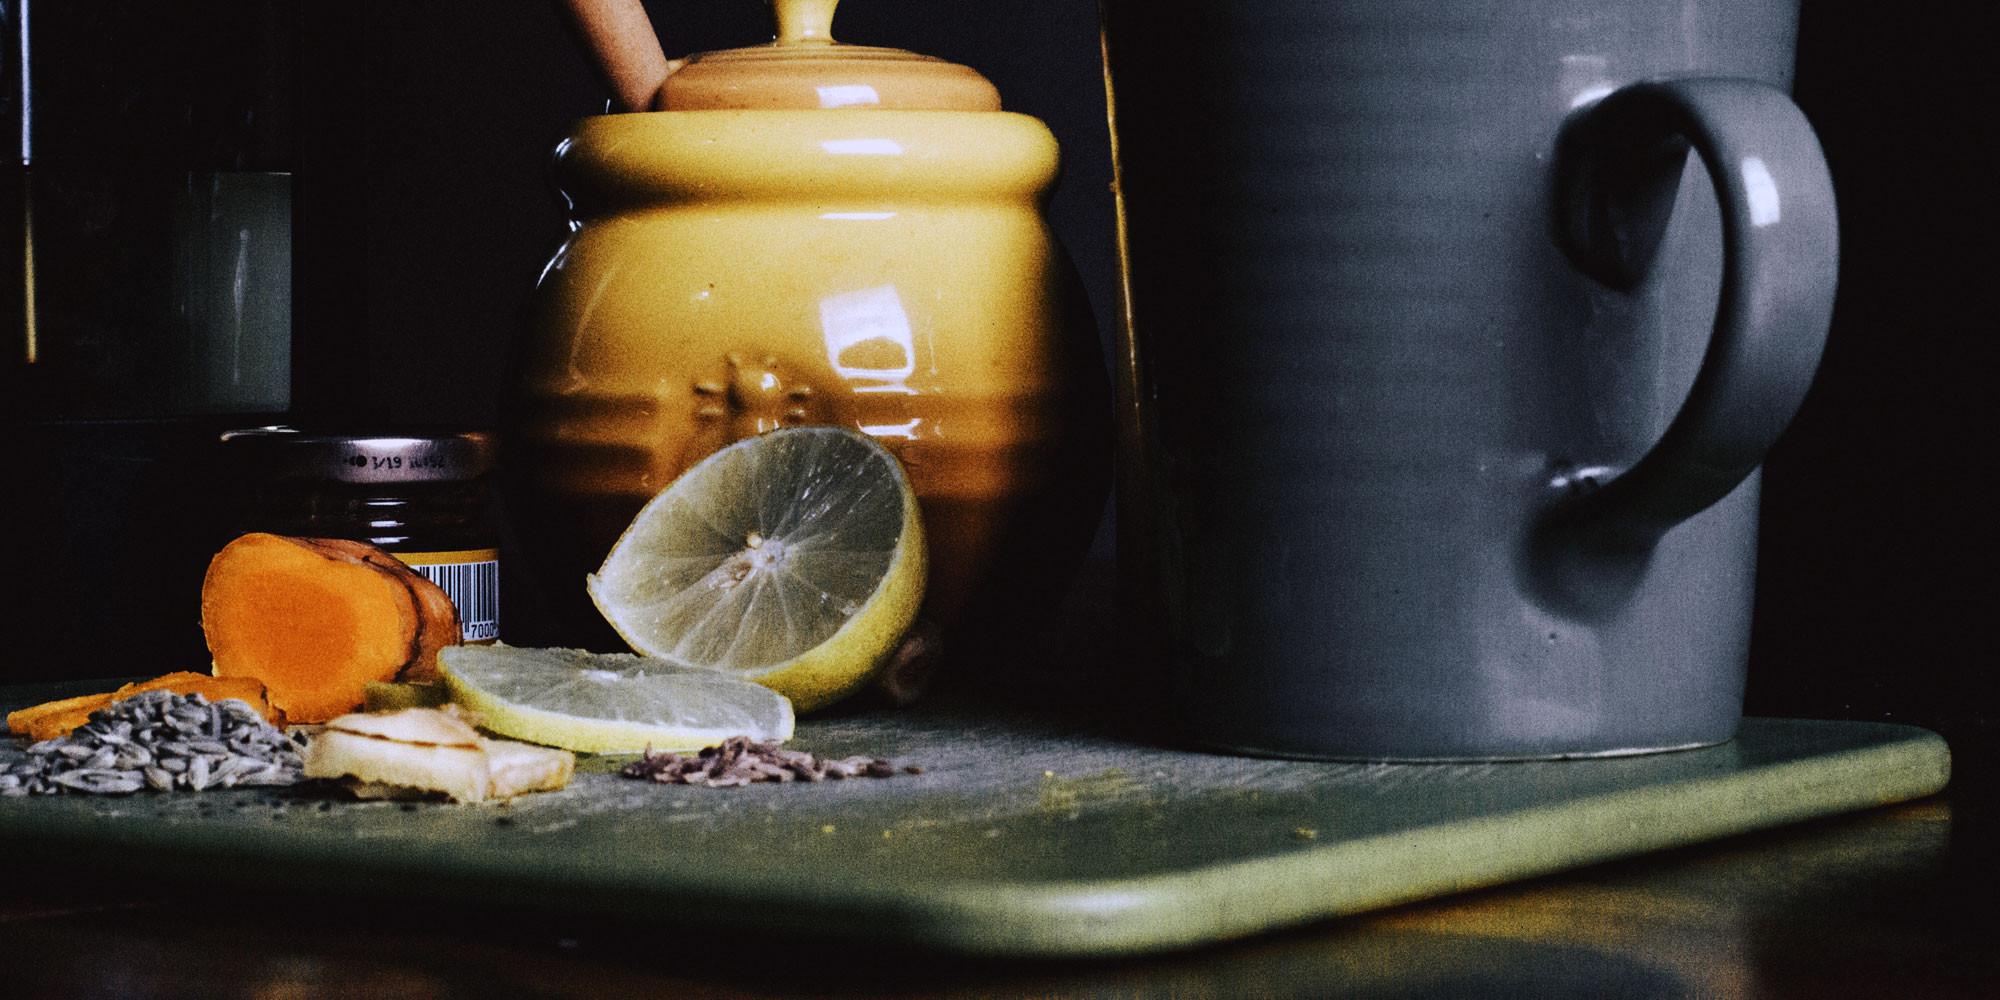 lemon, honey, turmeric